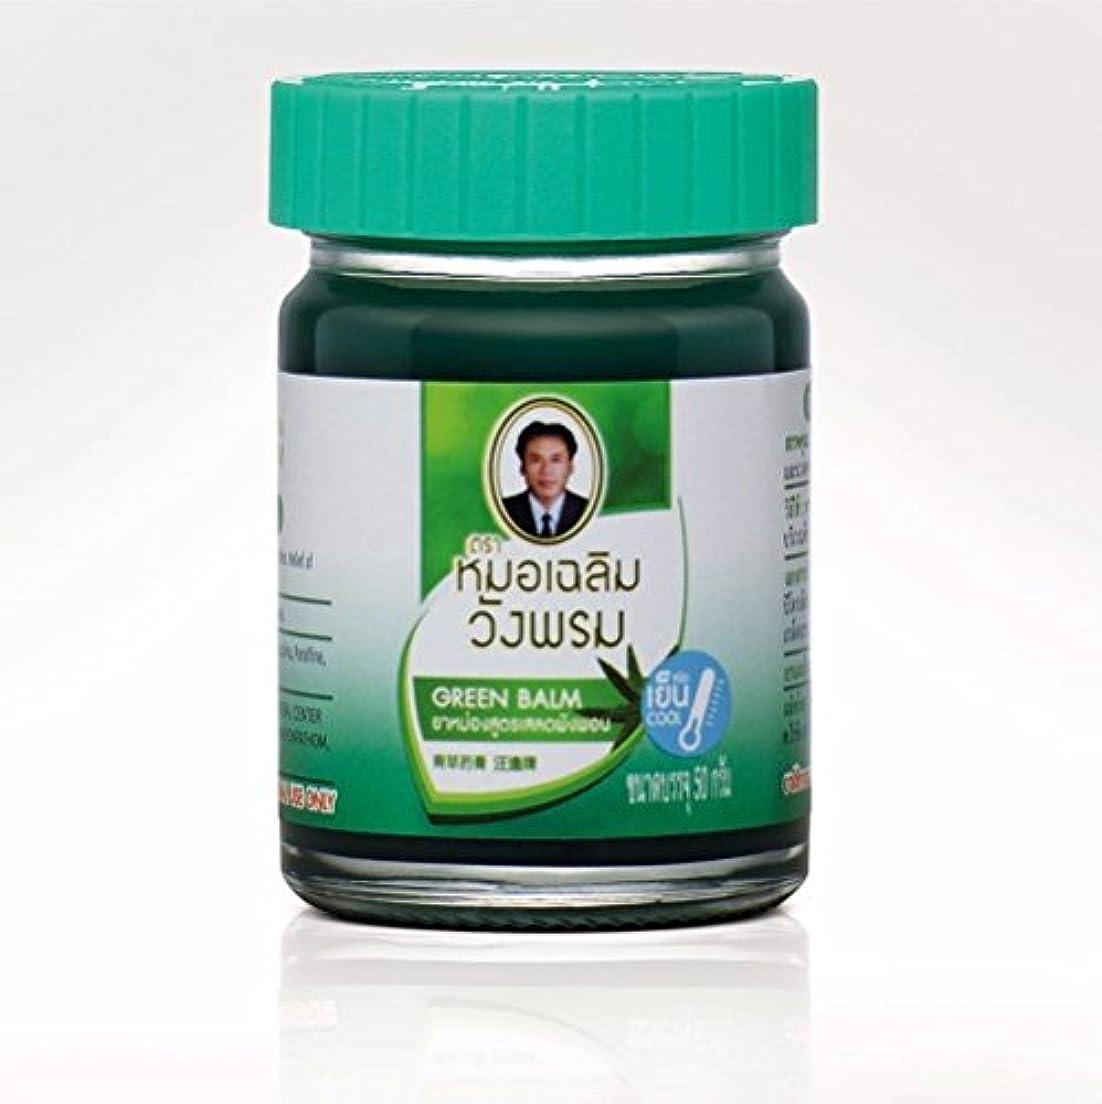 減らす虫を数えるパーティション50G.Wangphrom Thai Herbal Balm Massage Body Relief Muscle Pain,Thai Herb Green Balm (COOL) size 50 gram..(2 pc.)